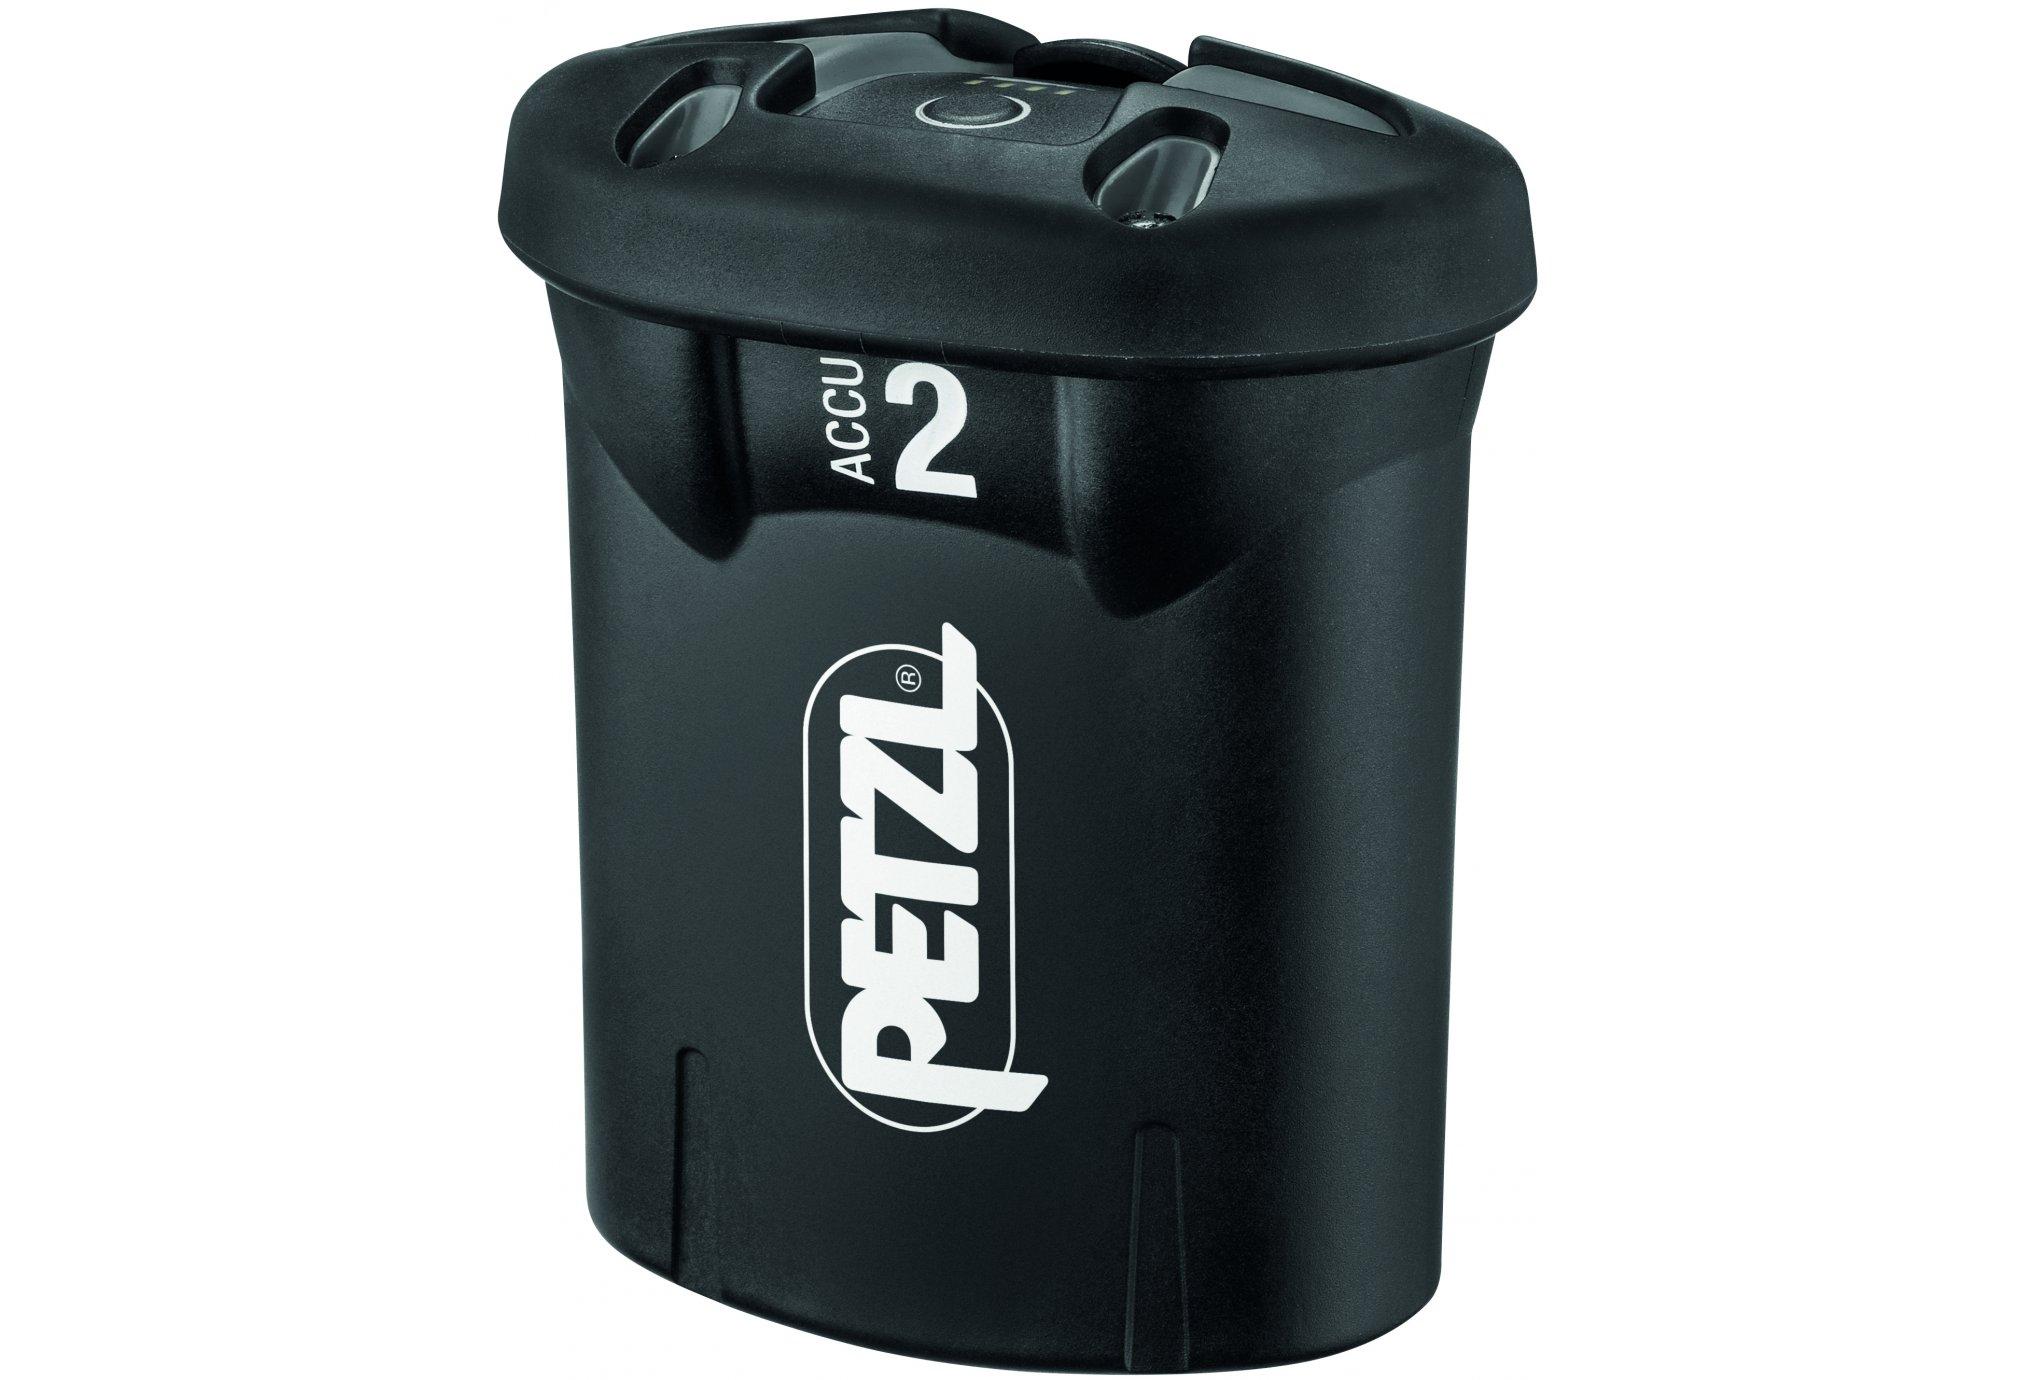 Petzl Batterie rechargeable Accu 2 Lampe frontale / éclairage